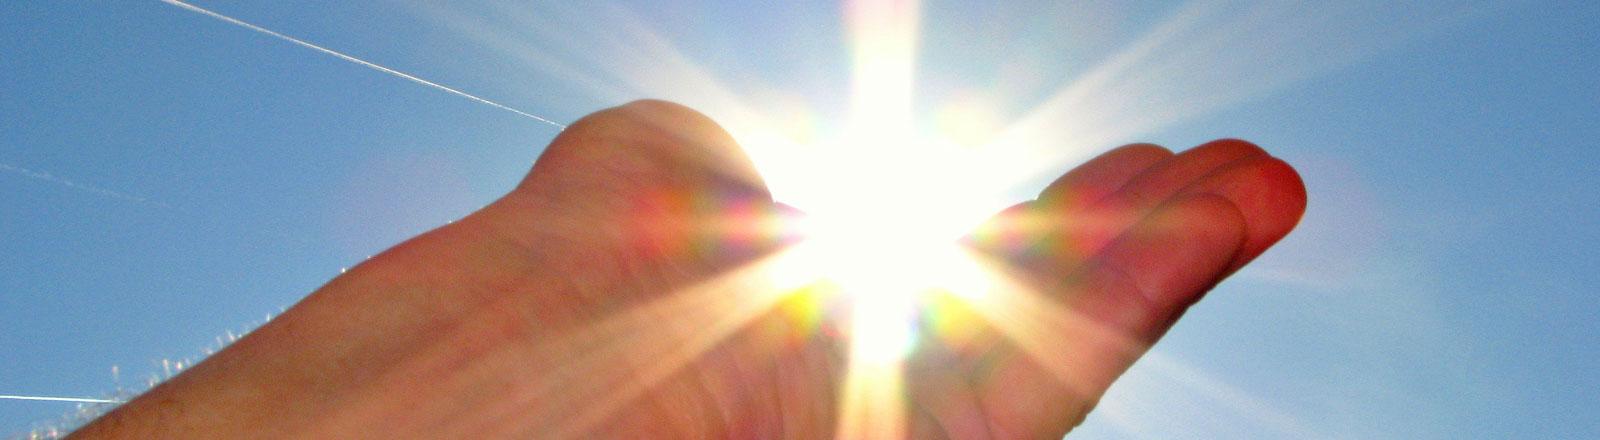 Eine Hand, so geformt, dass sie die strahlende Sonne wie eine Schalte hält